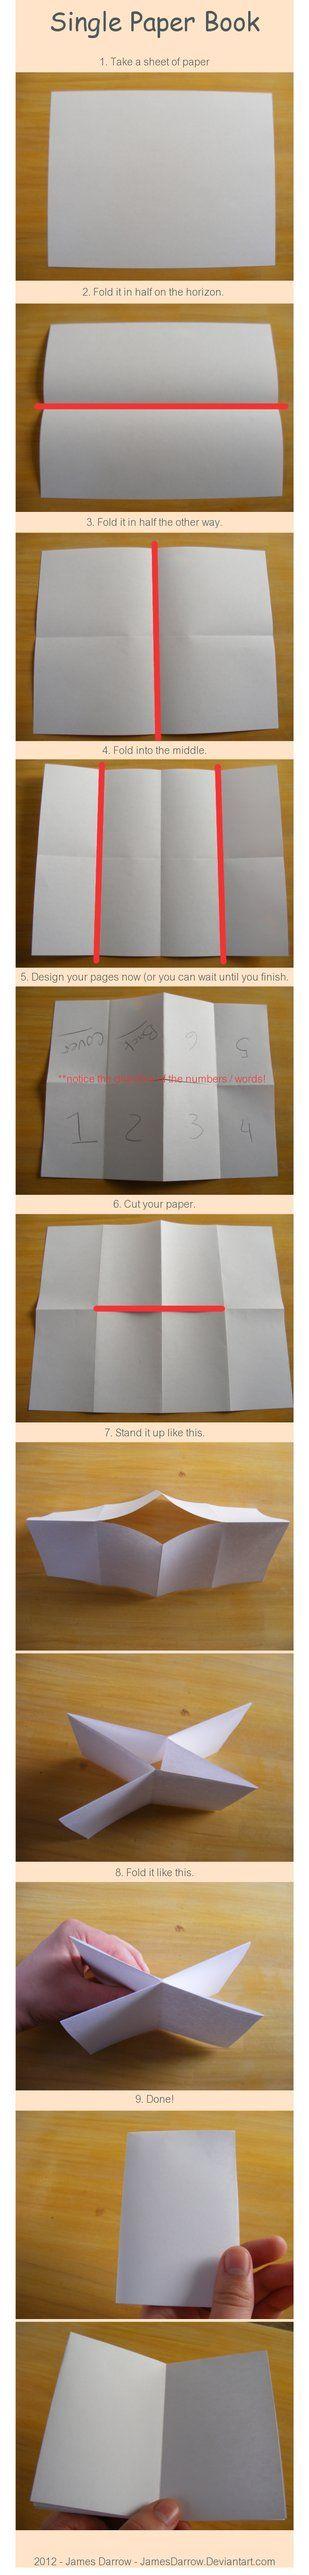 Single Paper Book.